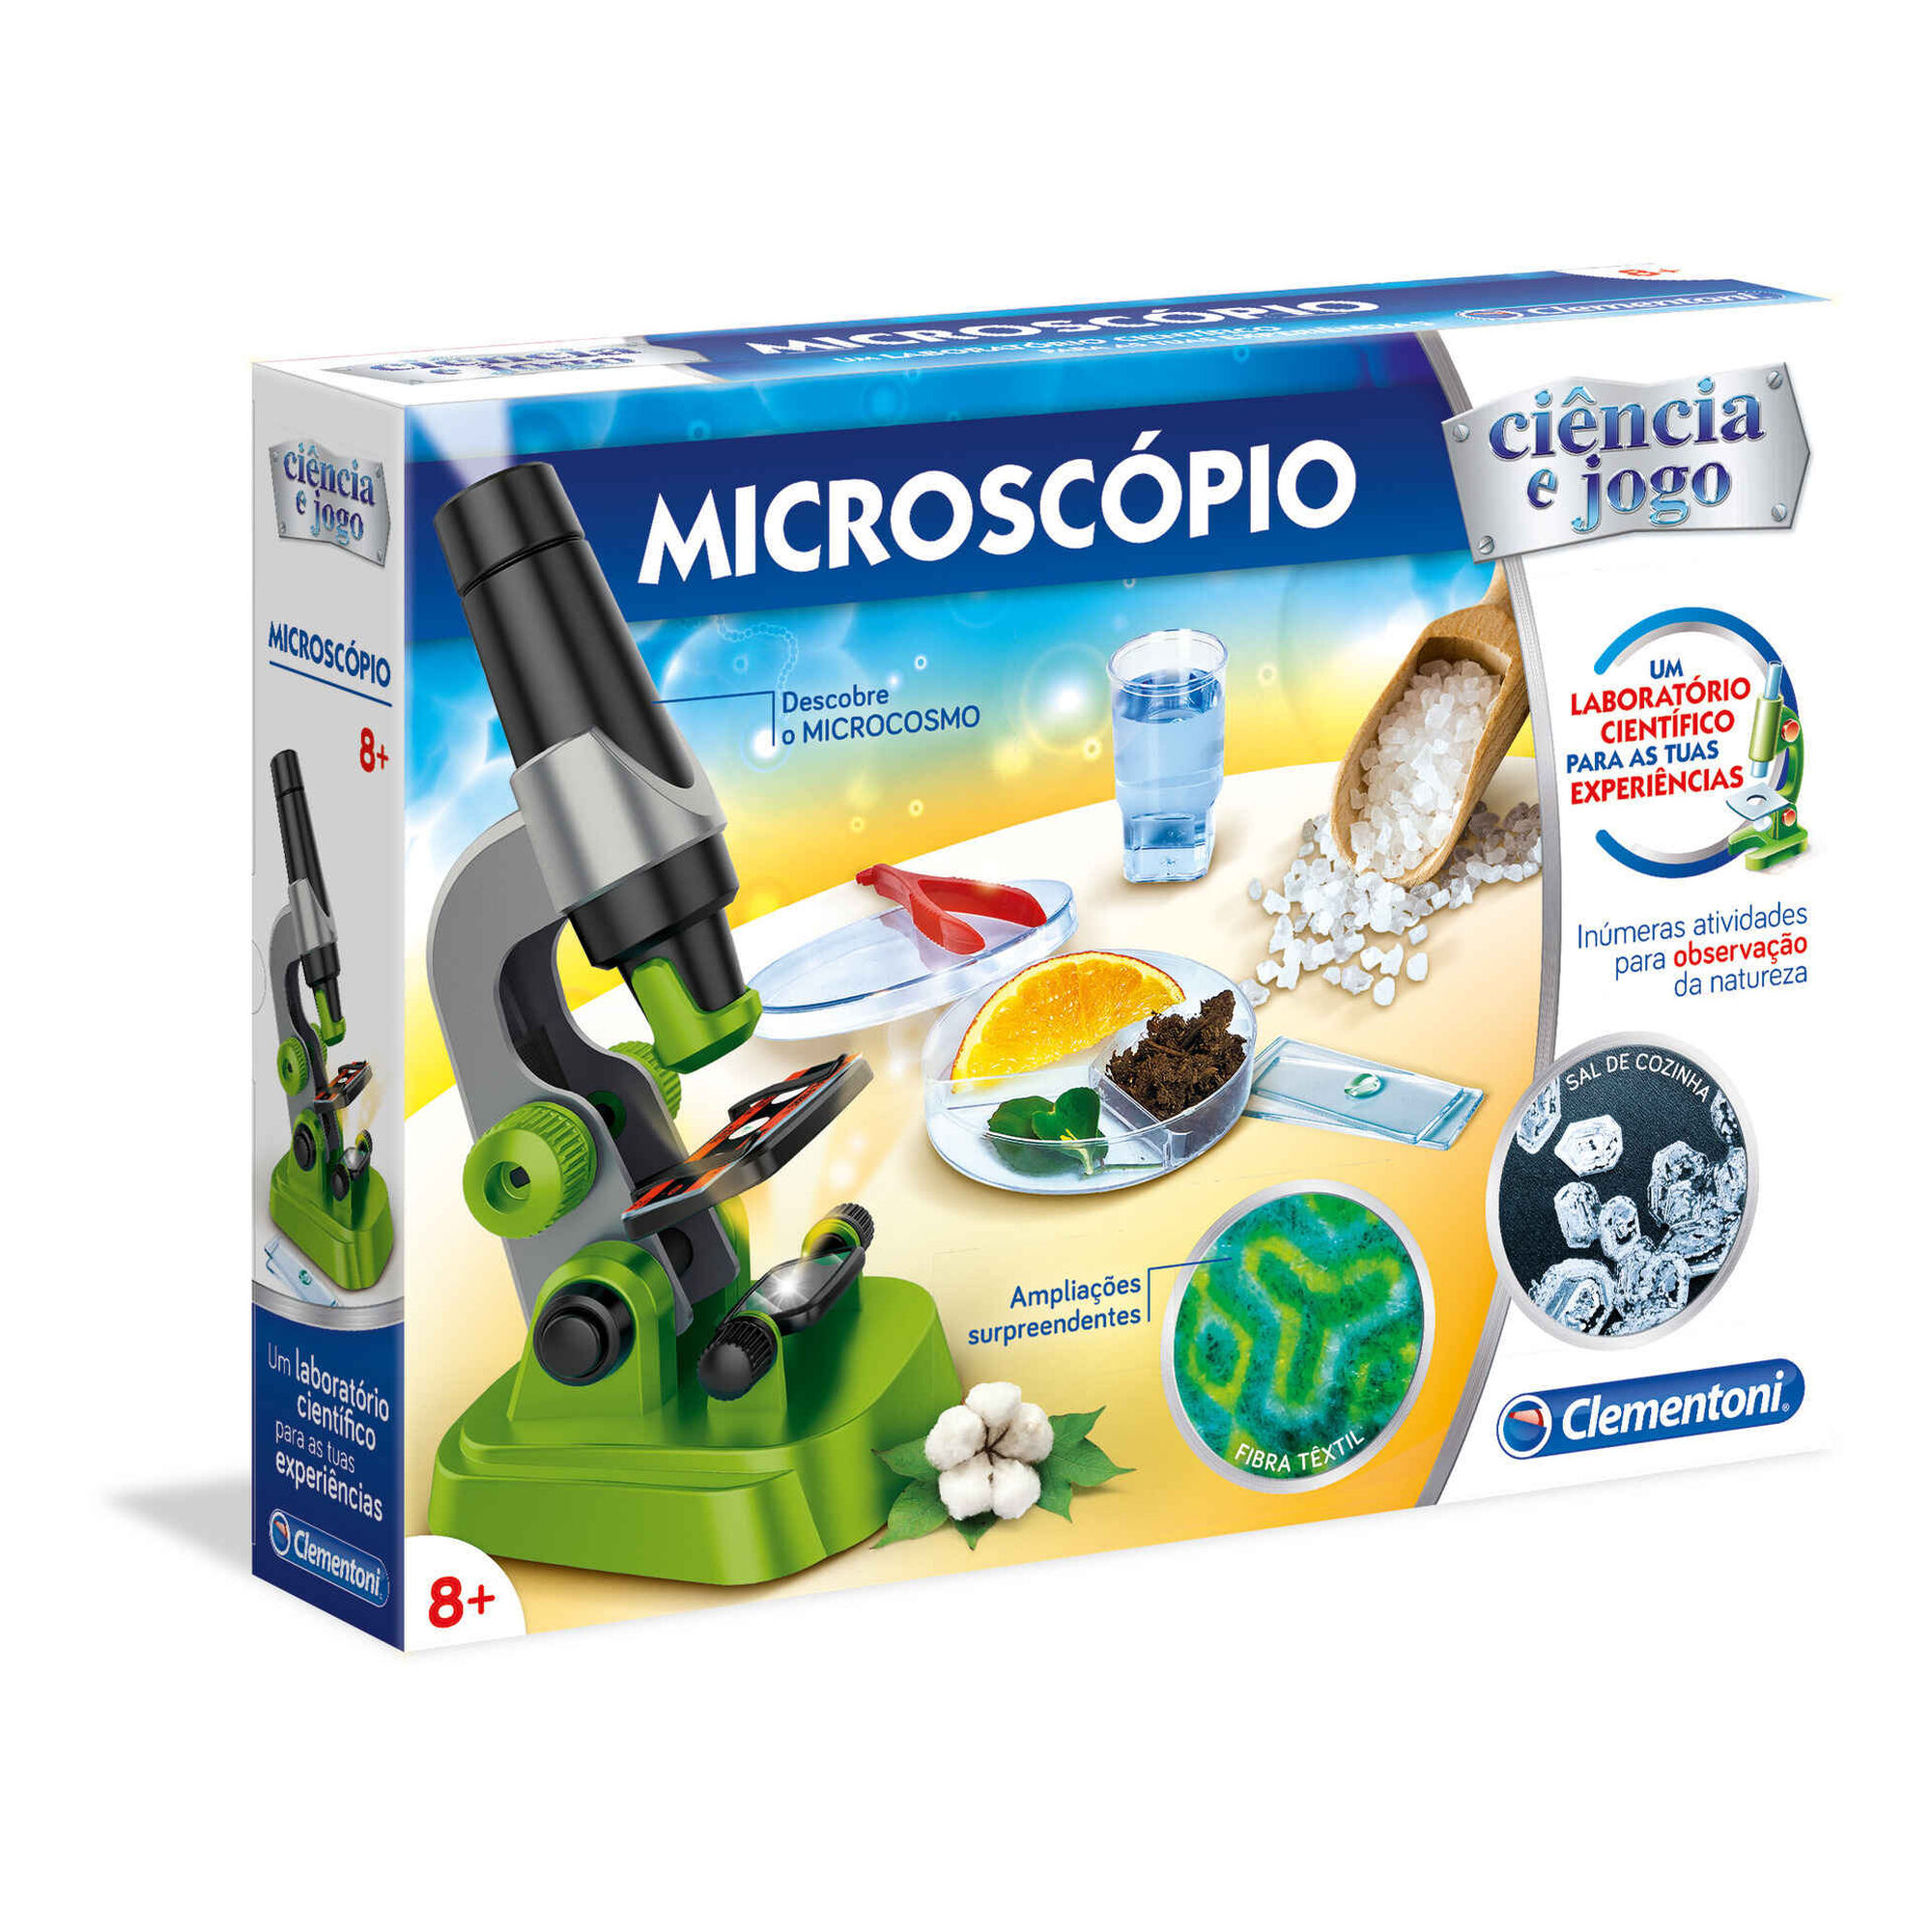 Microscópio